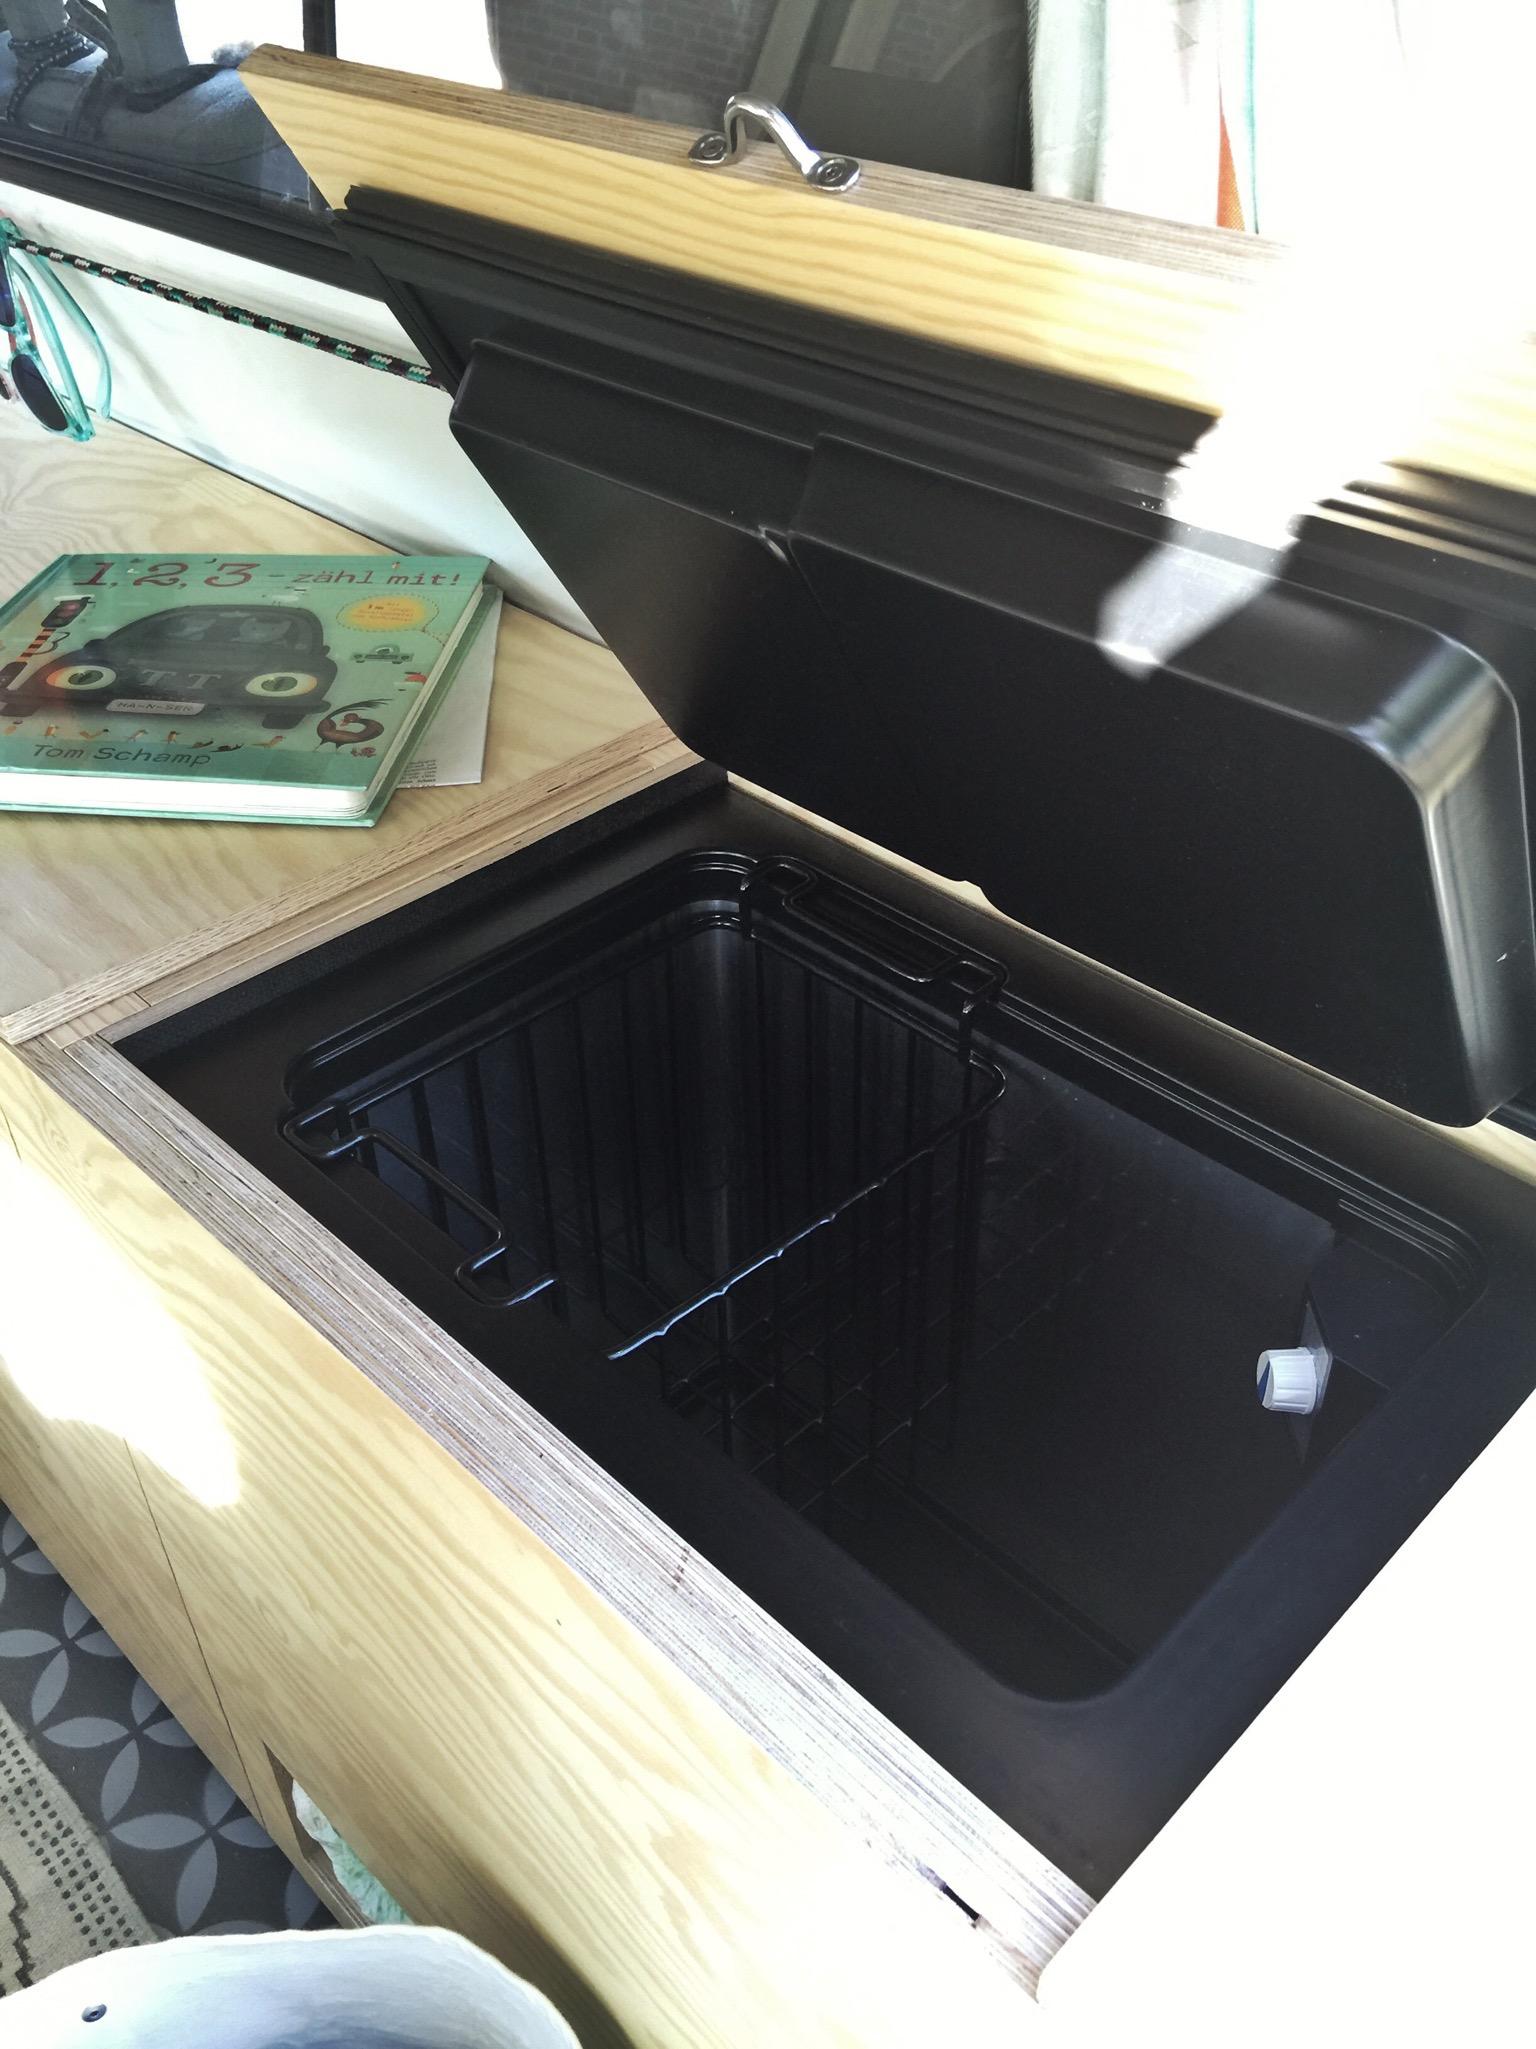 Der Edelstahl-Griff zum einfachen Öffnen der Klappe ist aus der Bootszubehör-Abteilung im Baumarkt und in größerer Ausführung auch an der seitlichen Klappe als Griff befestigt.